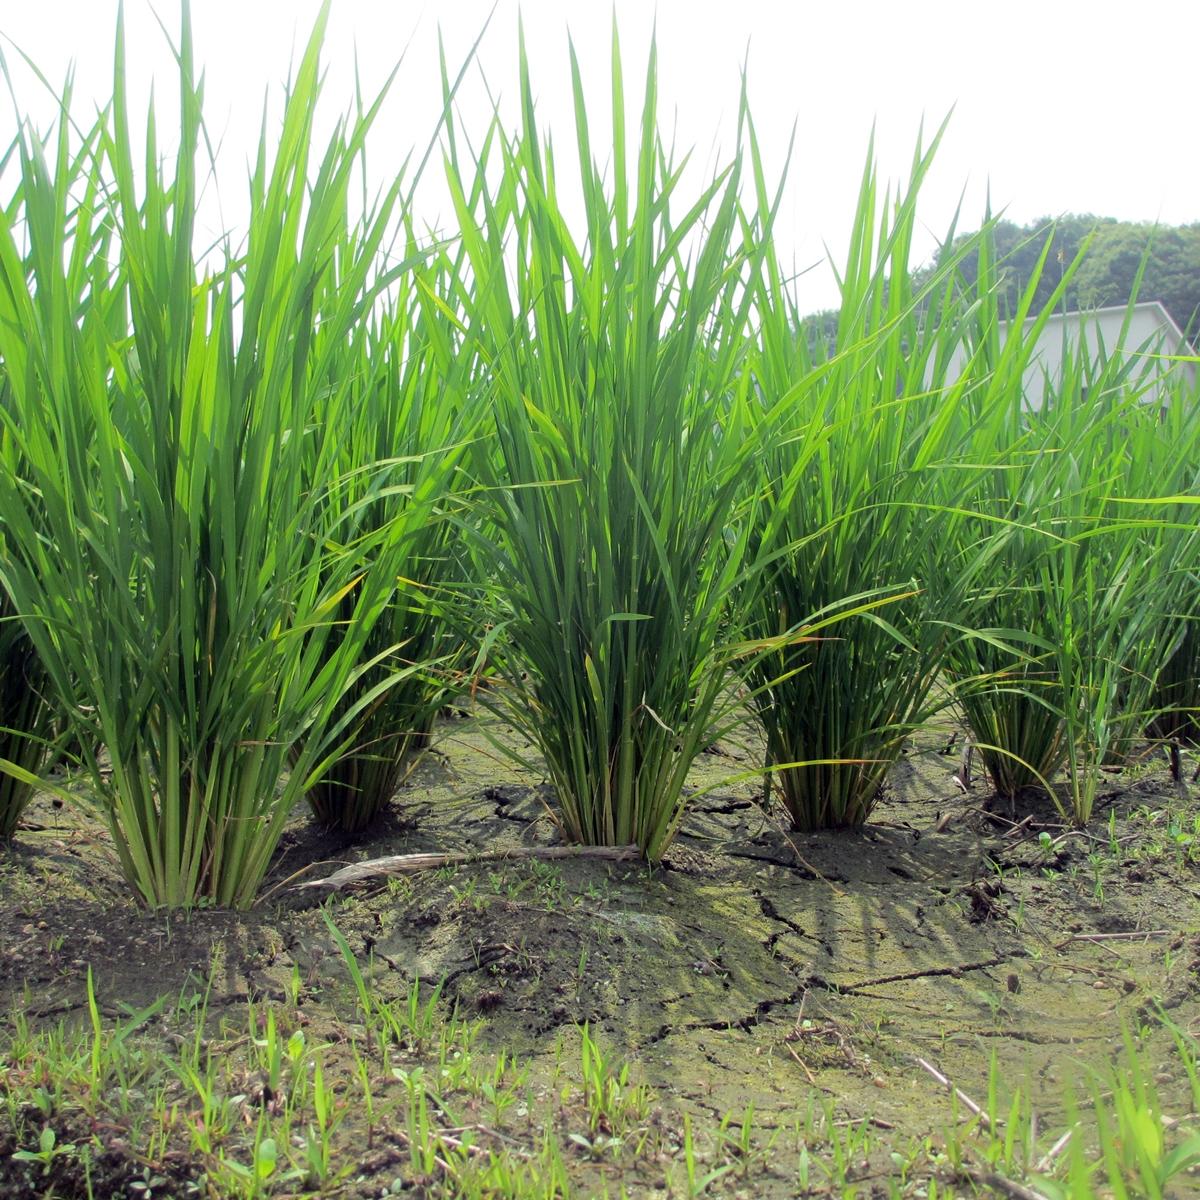 田んぼの稲の写真(6月)20150617-01